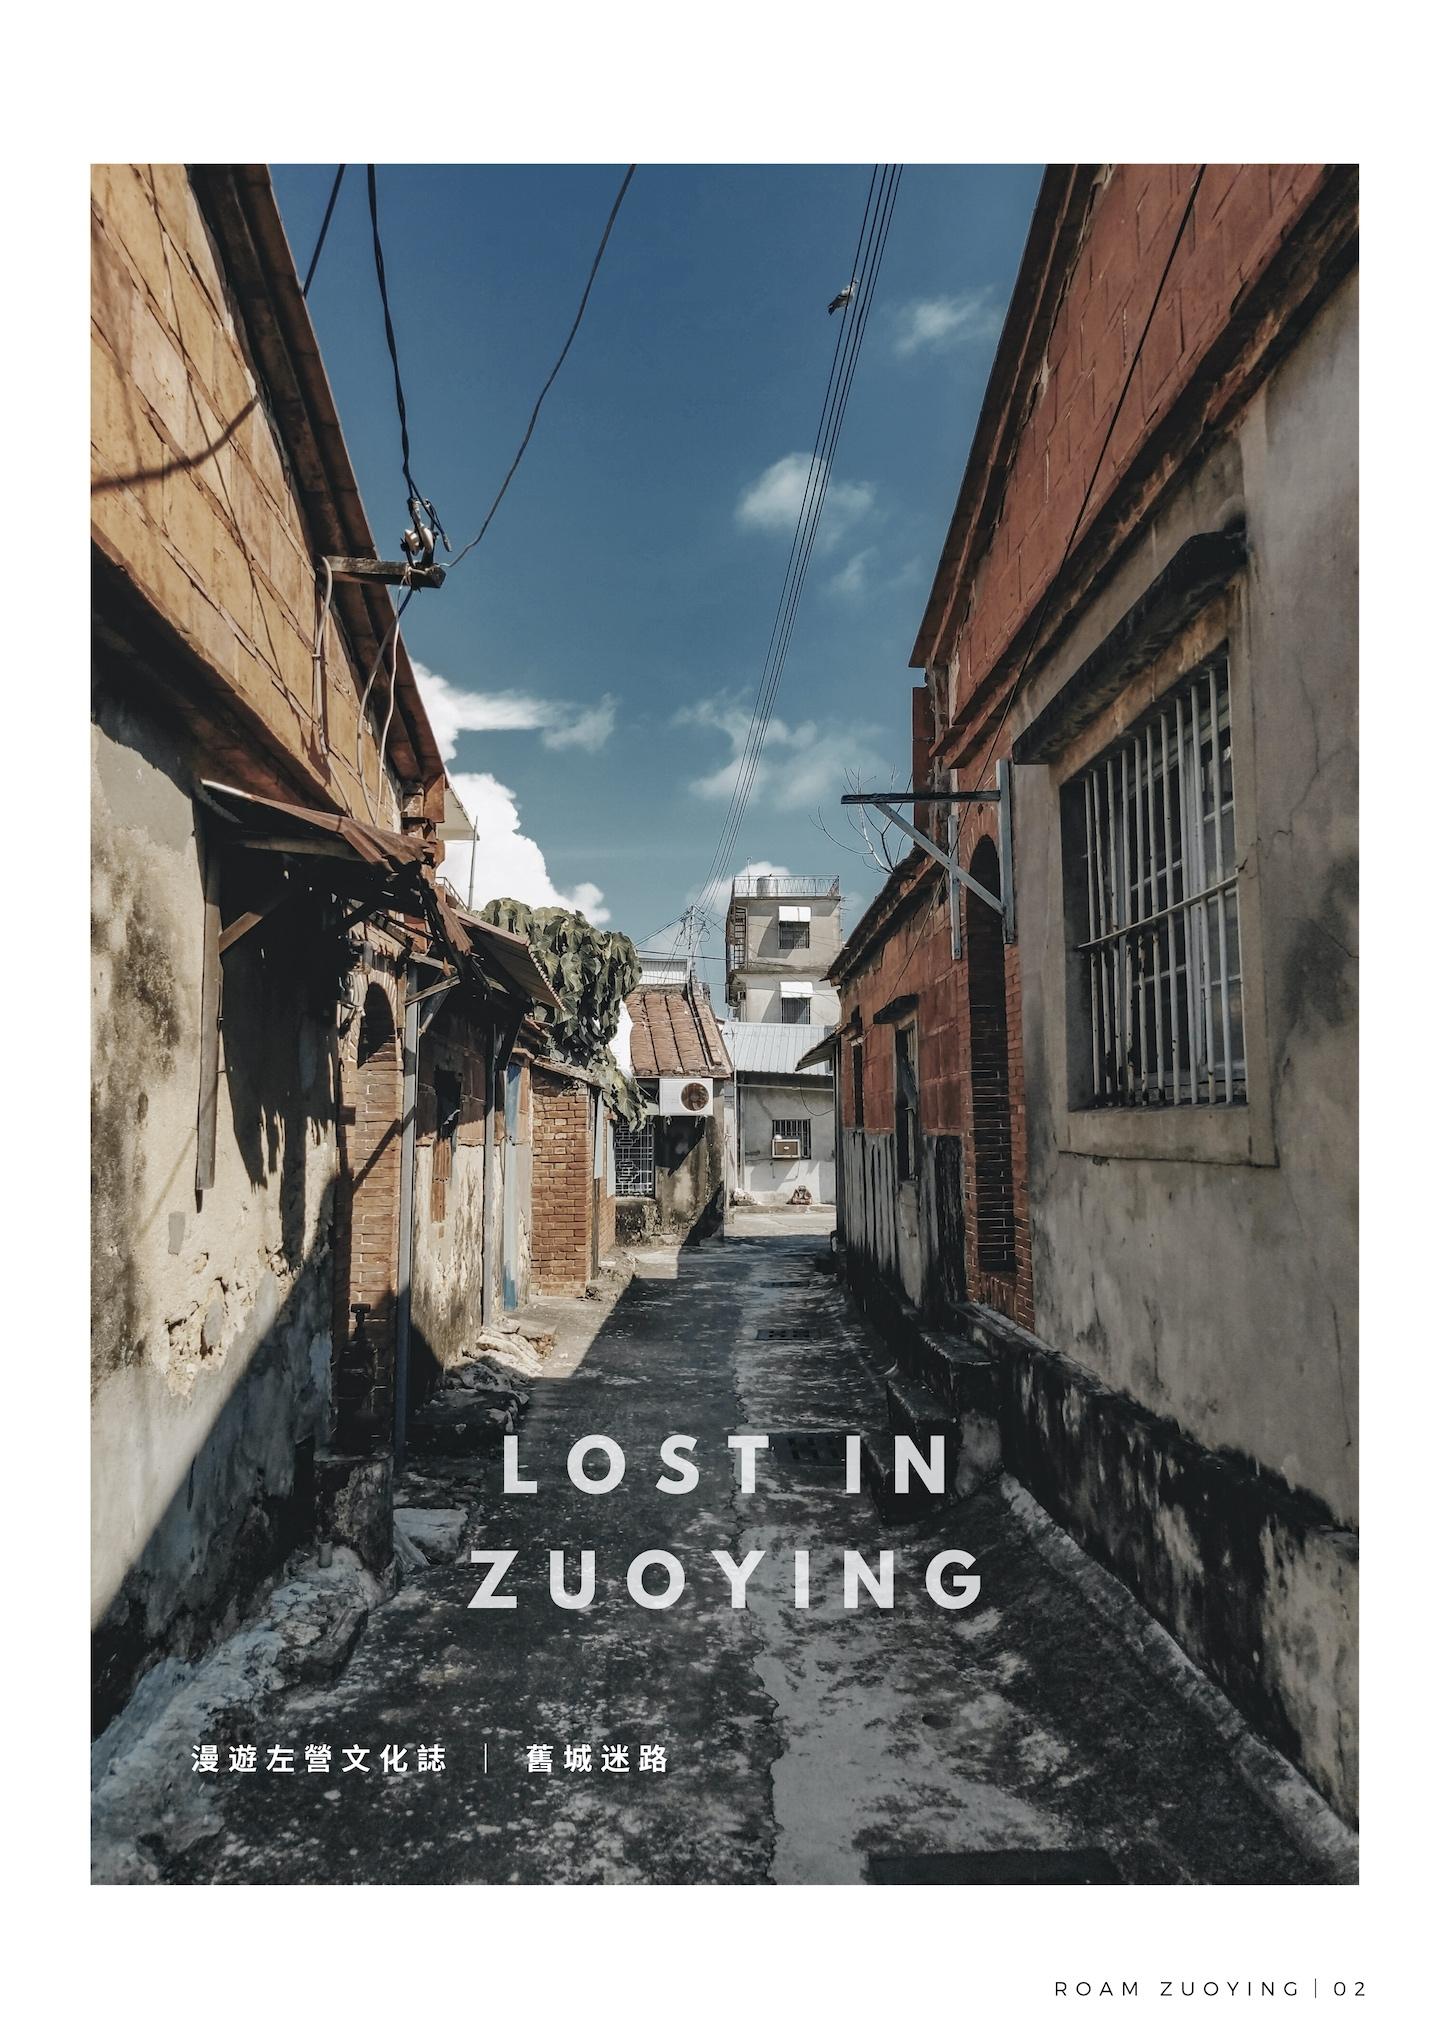 漫遊左營文化誌|Roam Zuoying Issue04 - 舊城迷路p2